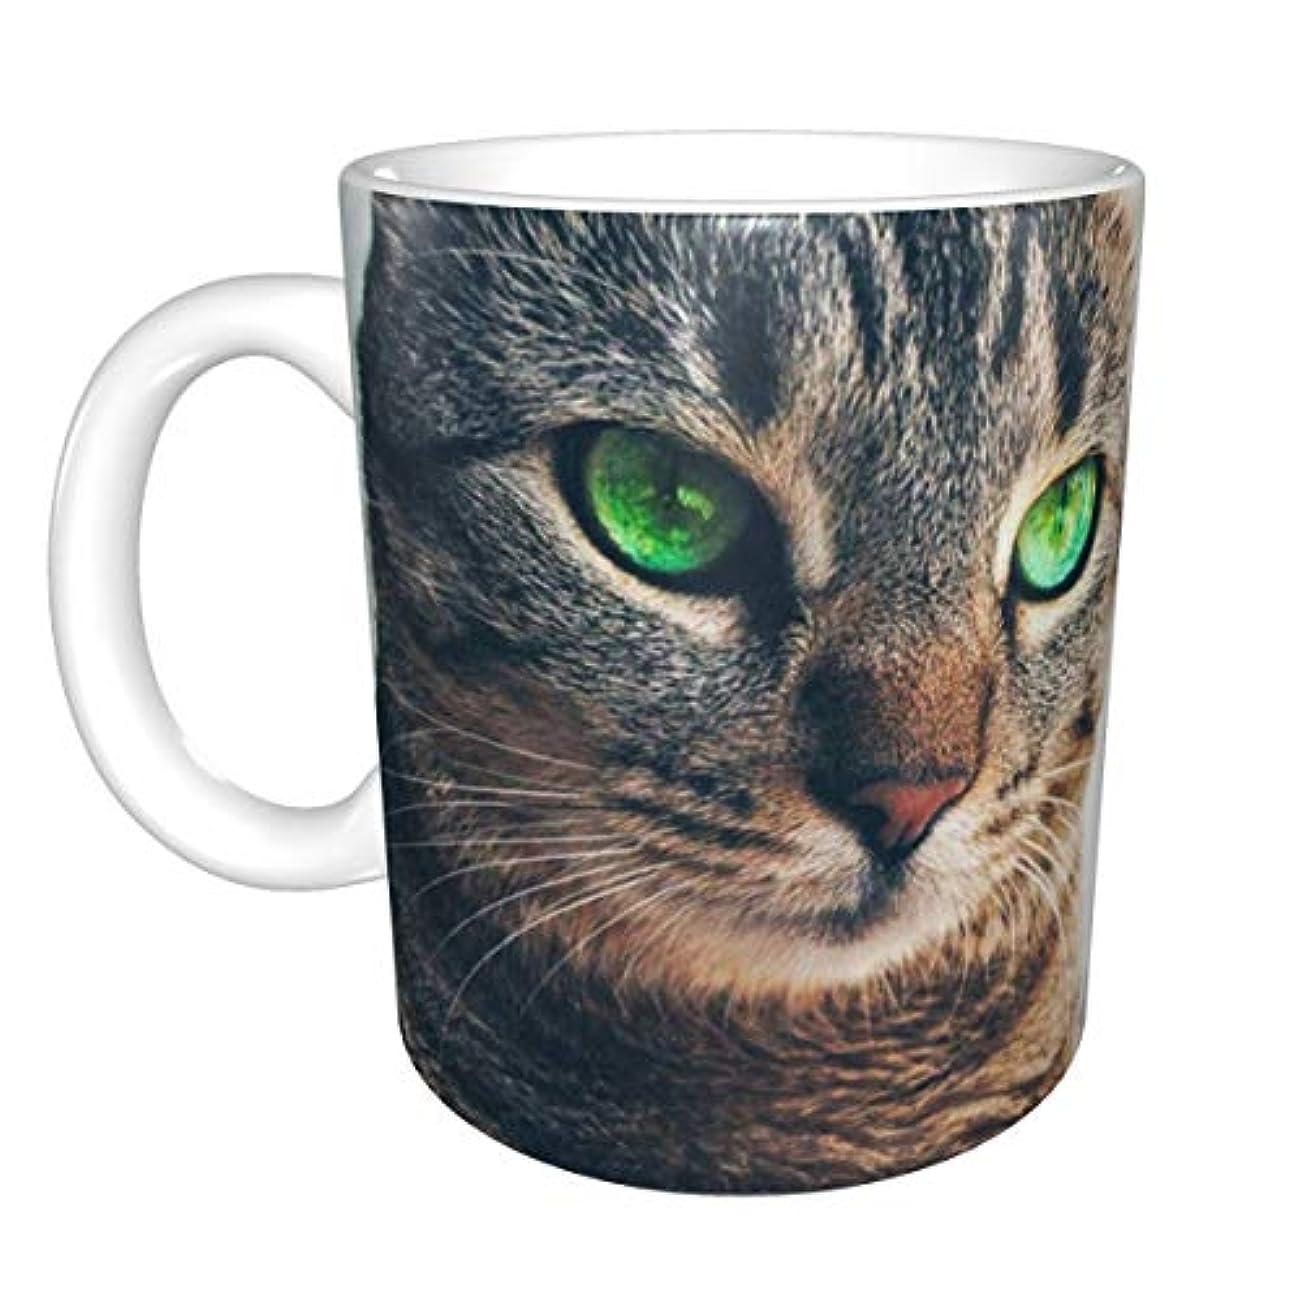 餌コモランマじゃない猫 猫柄 動物 マグカップ コーヒーカップ セラミック 陶器 旅マグ 330ml カップ ホワイト 白 熱に強い 軽量 使い勝 手良い 水筒 男女兼用 プレゼント